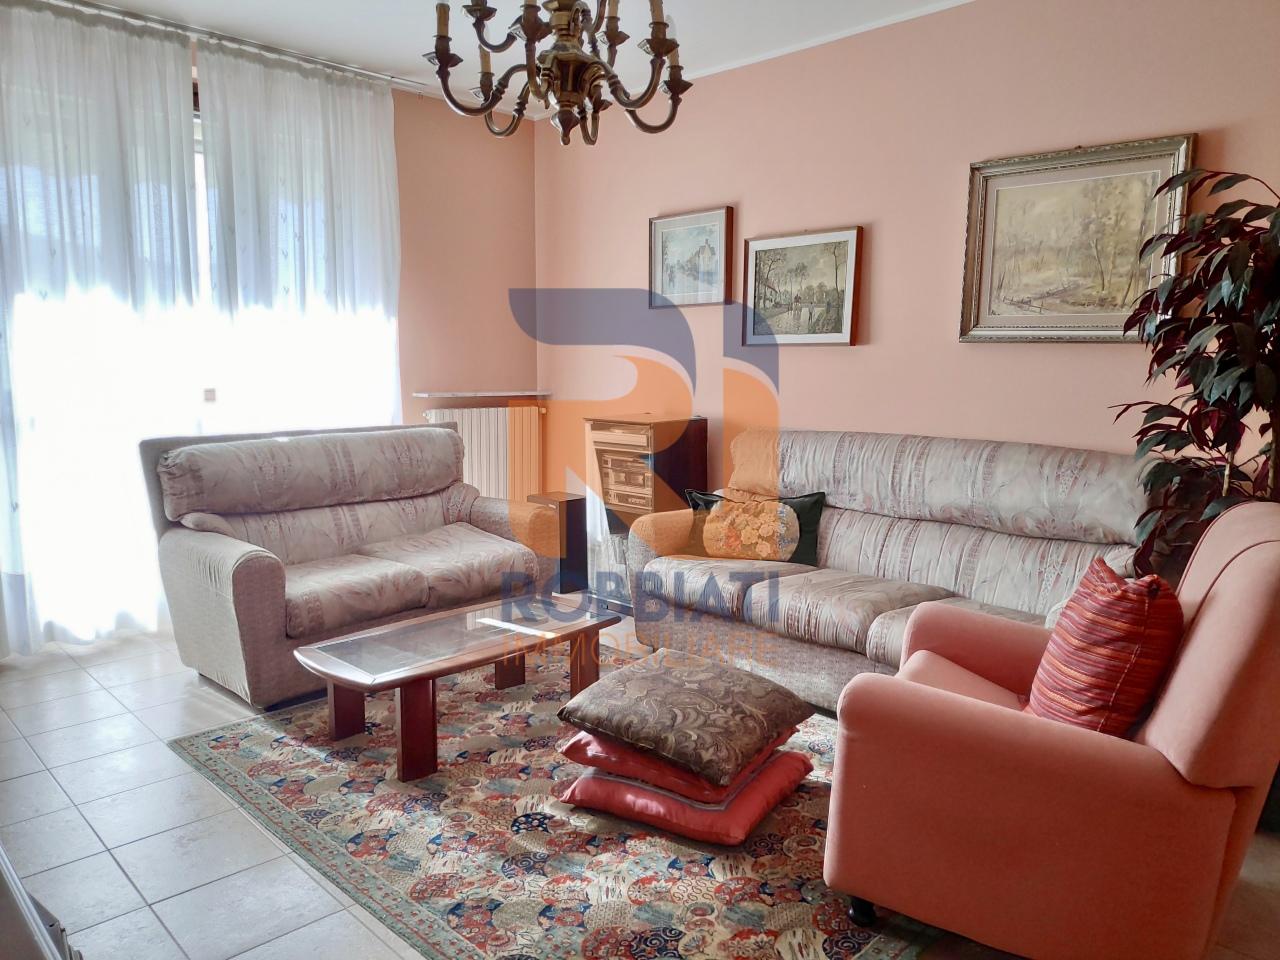 Appartamento in affitto a Cava Manara, 3 locali, prezzo € 450 | PortaleAgenzieImmobiliari.it